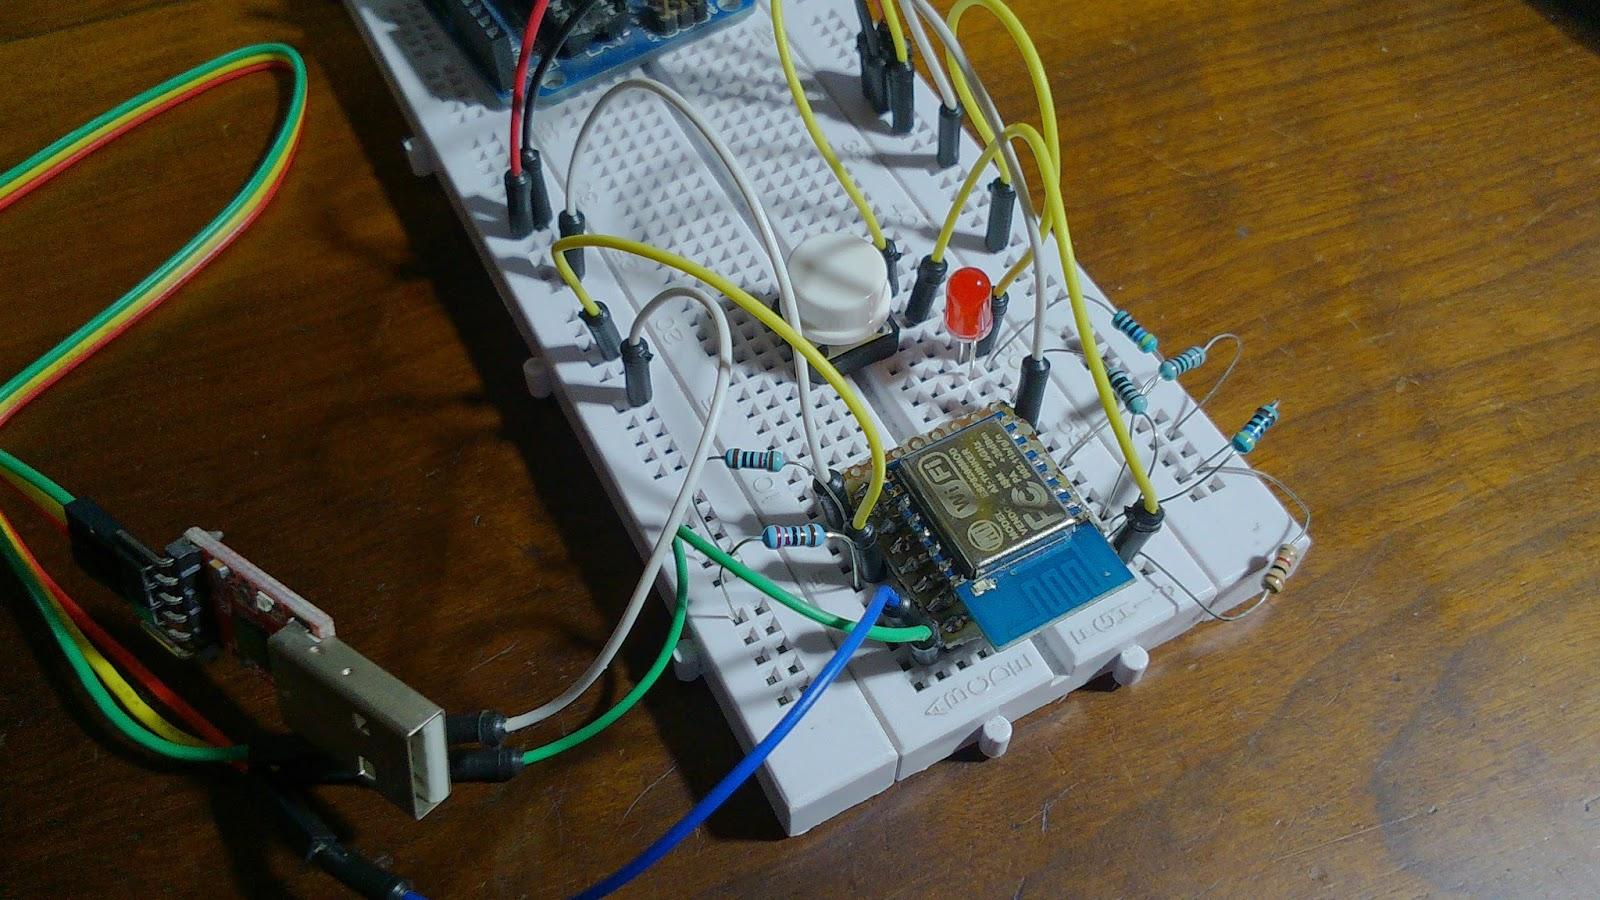 Circuito Wifi : Wifi esp12 esp8266 : programando com a ide do arduino fritzenlab